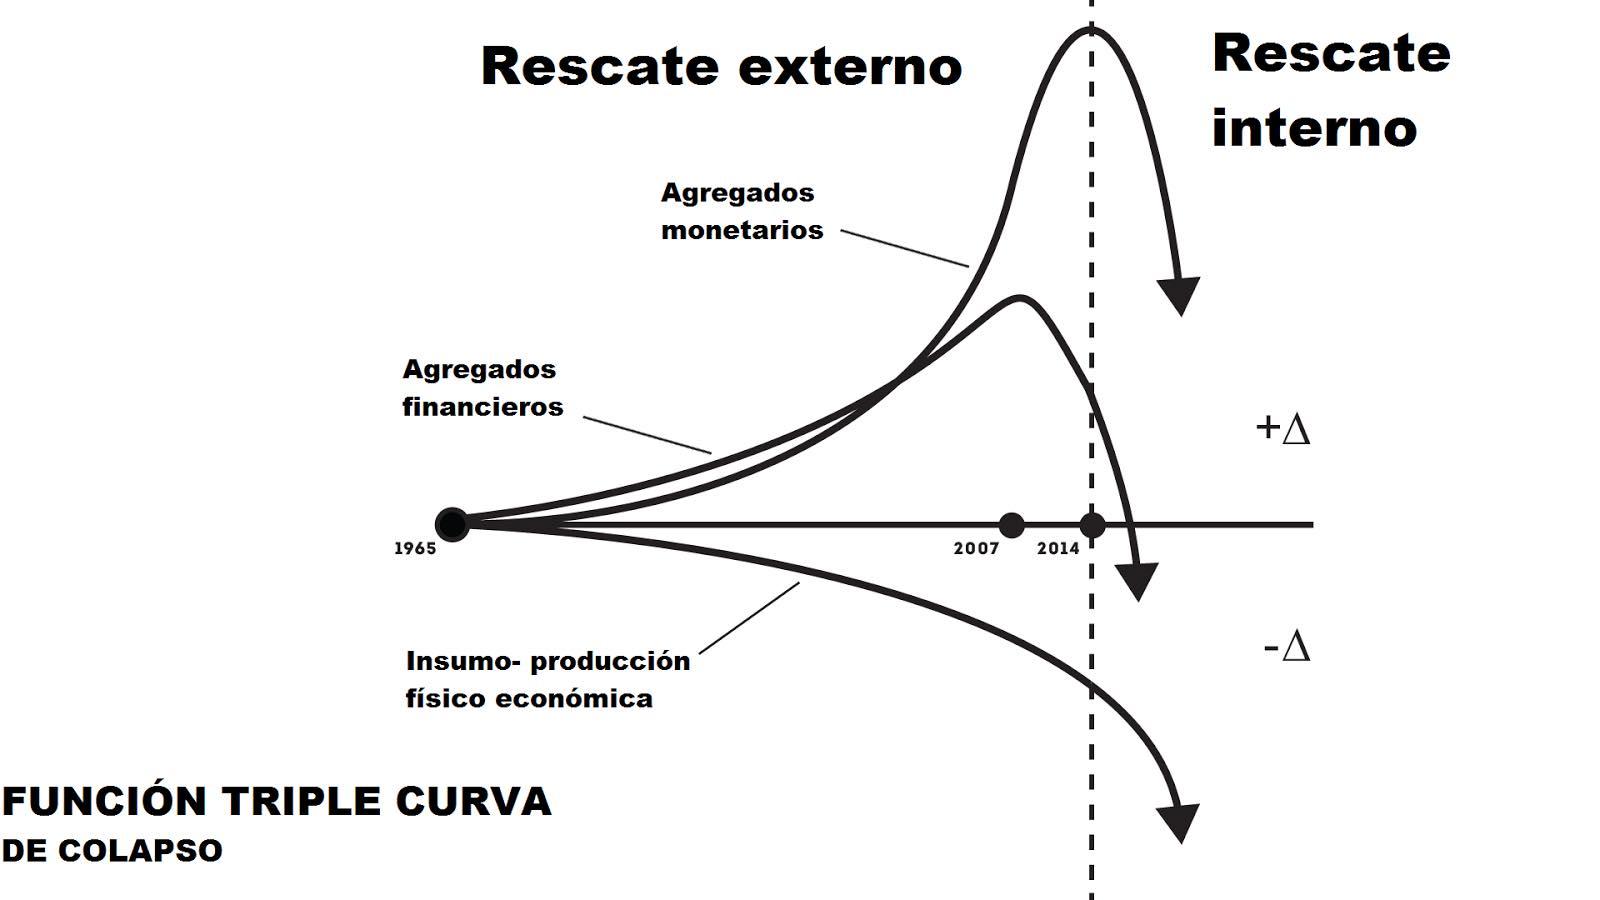 triple curva de colapso